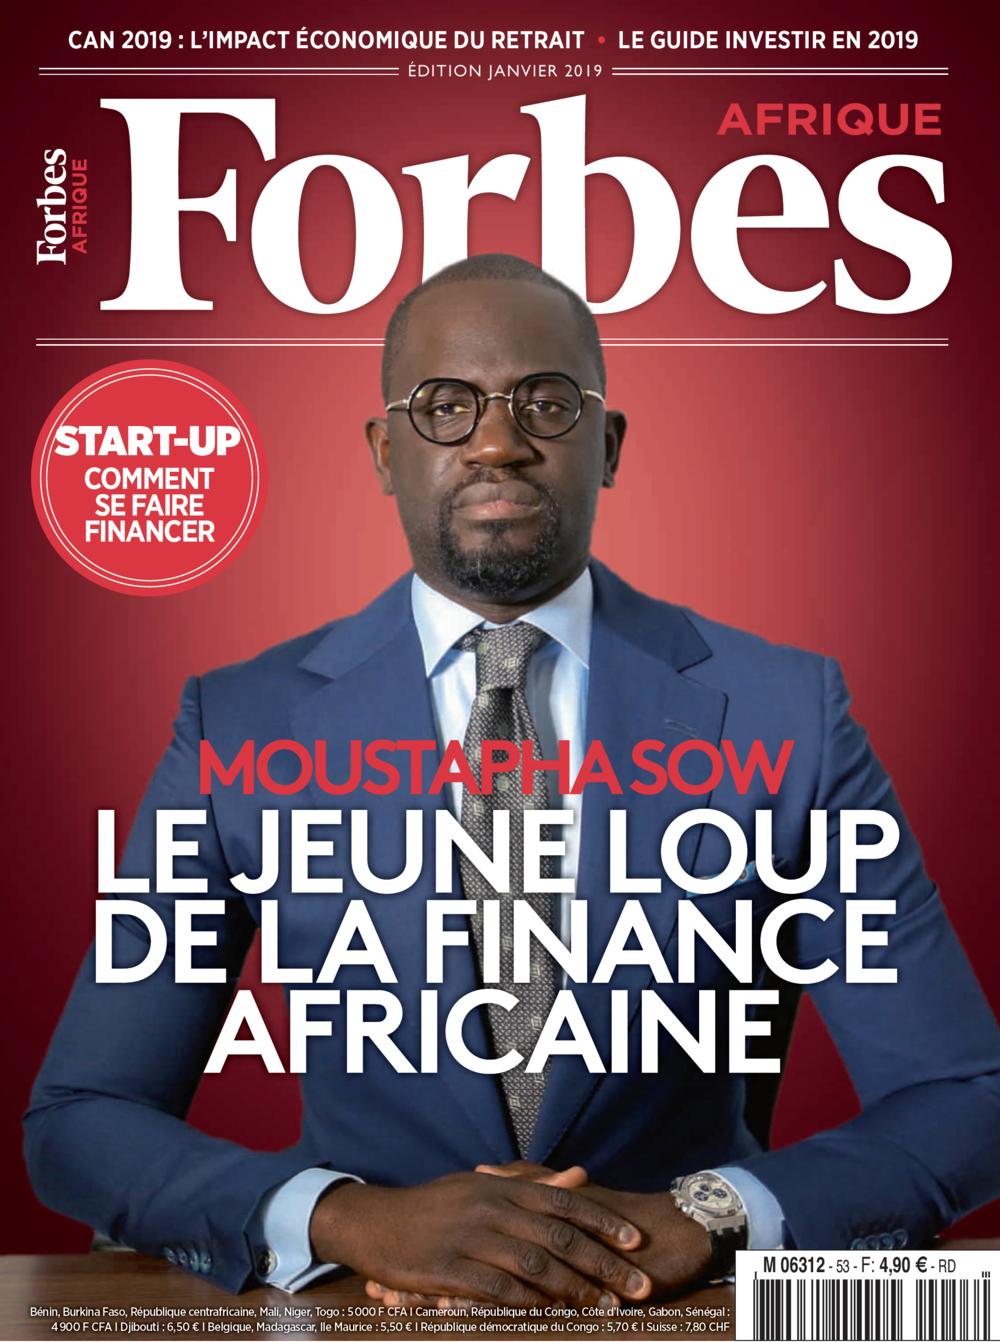 Forbes Afrique - Janv 2019 - Cover.png